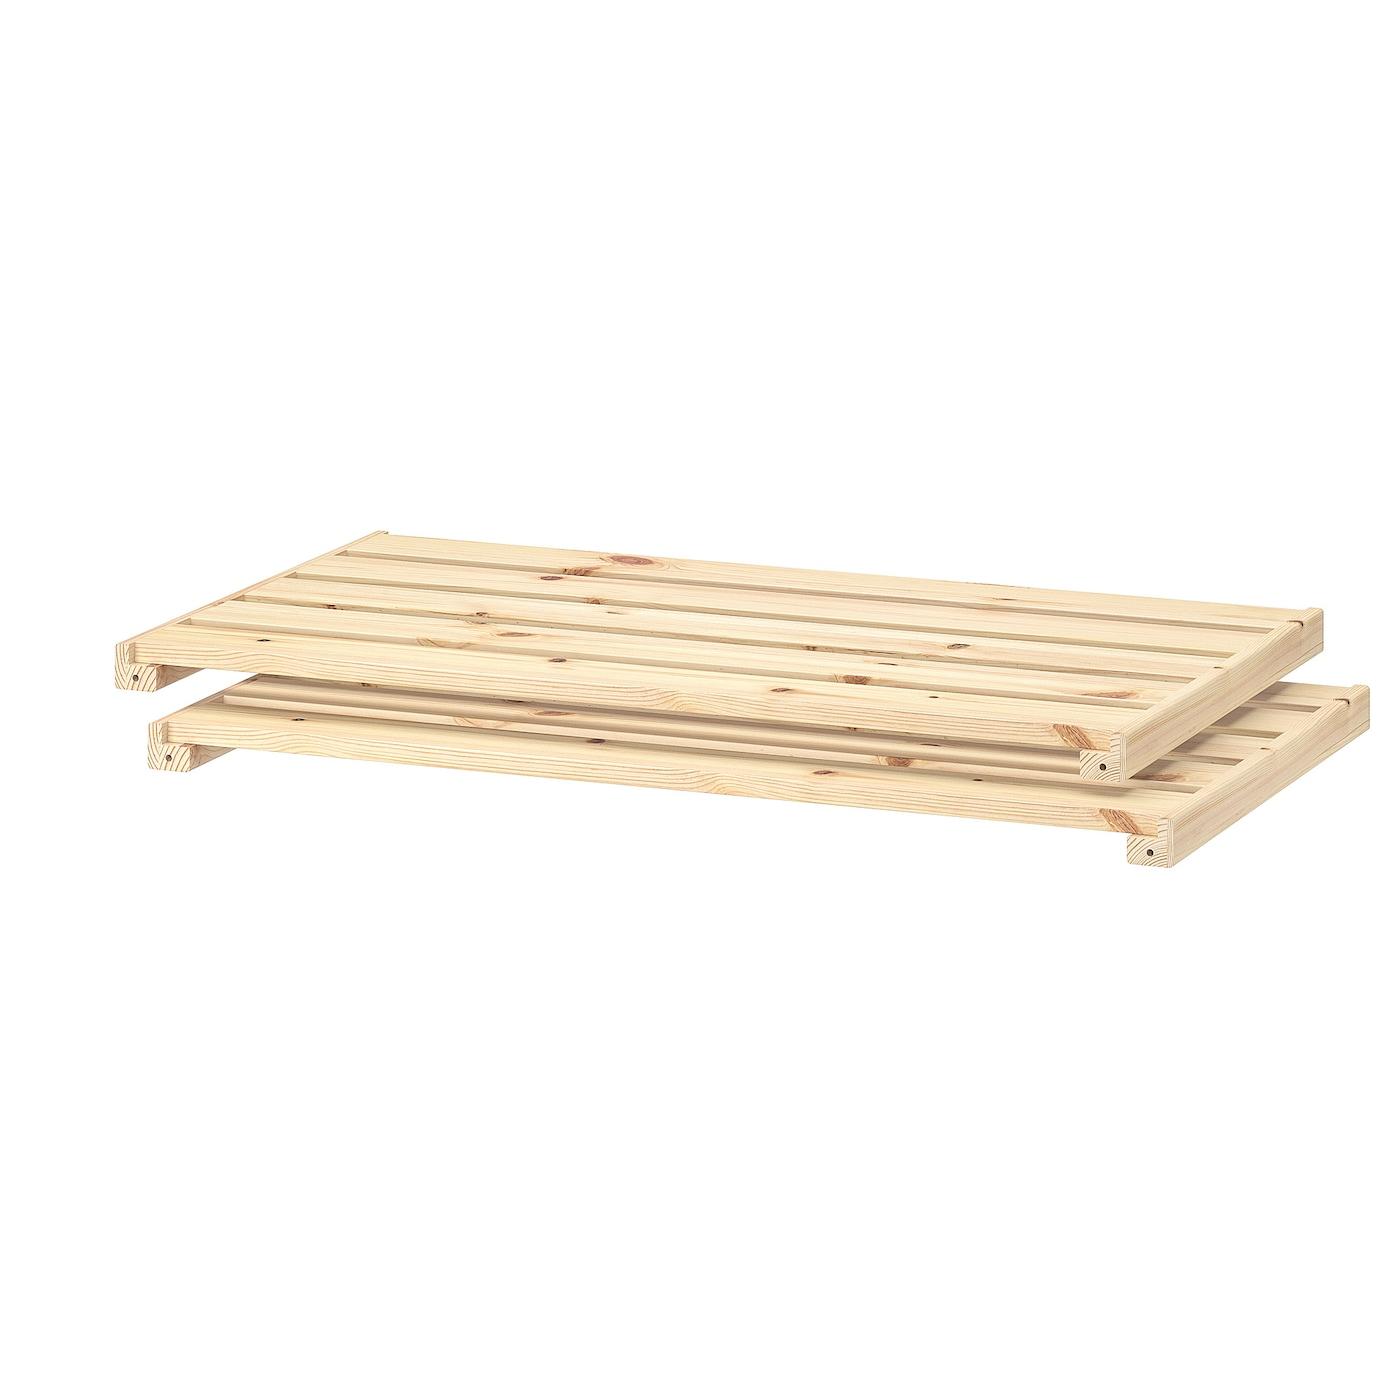 hejne tablette bois de conif re 77 x 47 cm 2 pi ces ikea. Black Bedroom Furniture Sets. Home Design Ideas